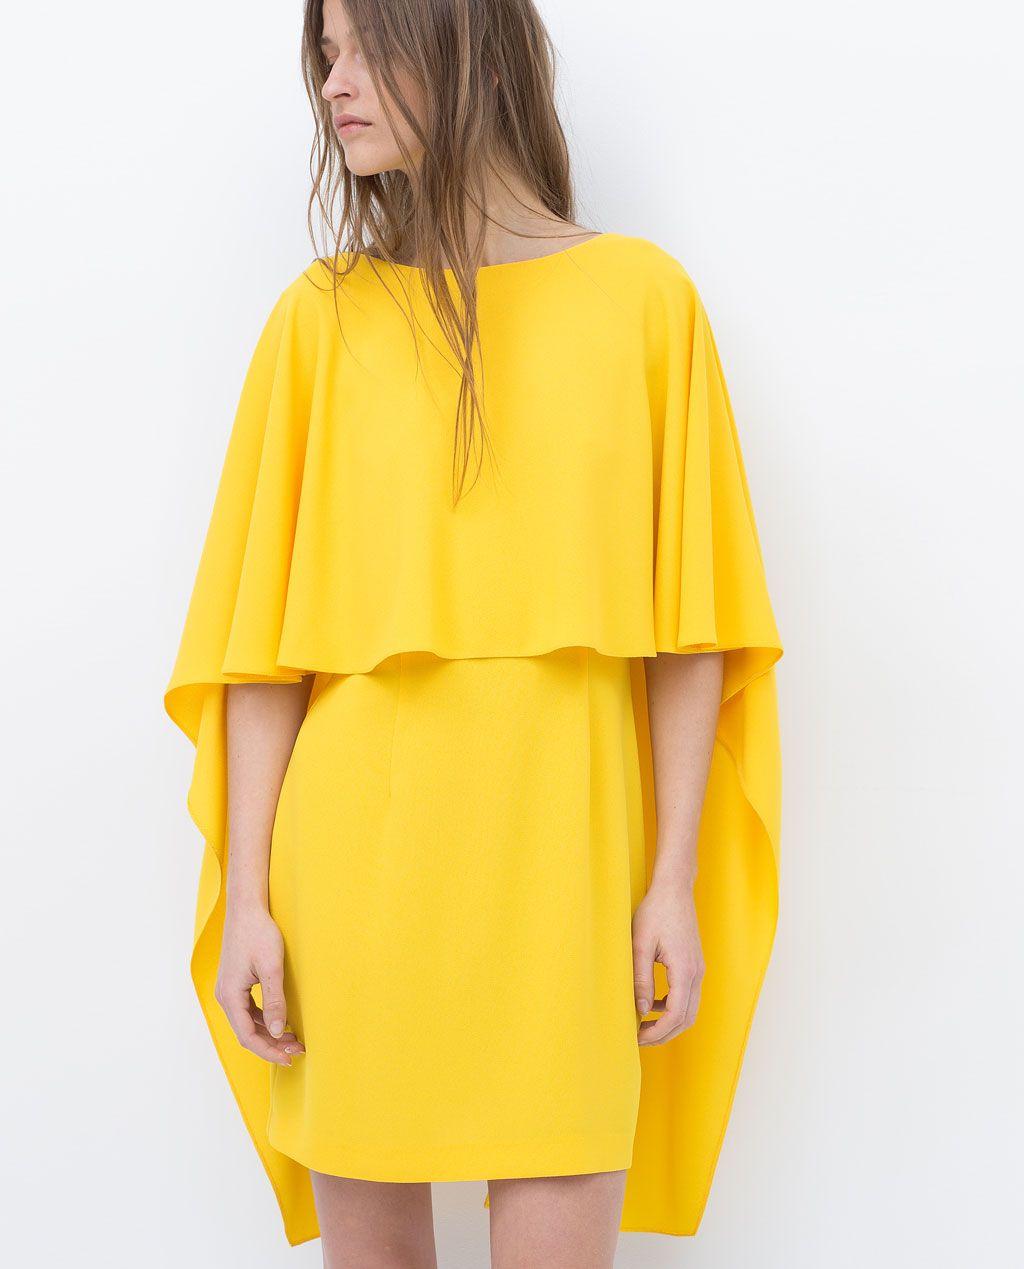 Vestidos amarillos cortos zara